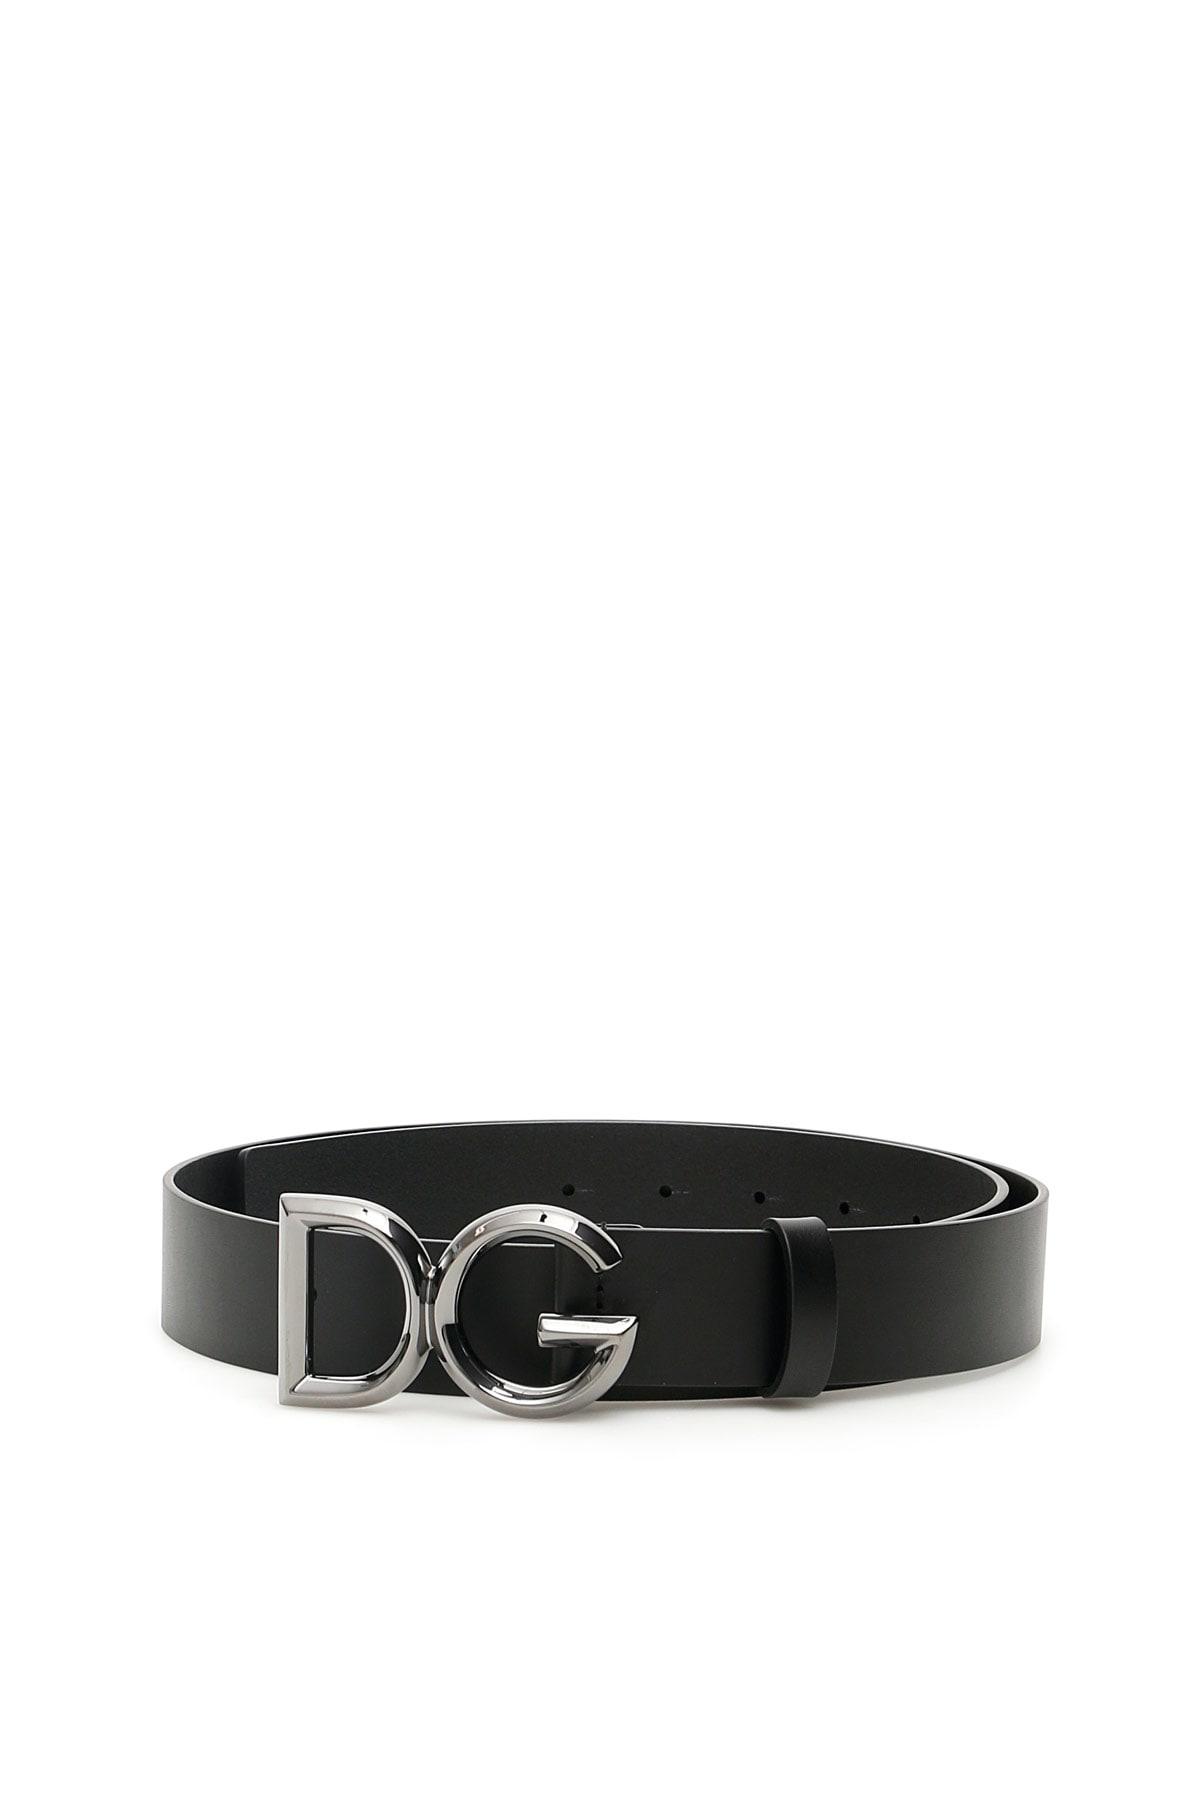 Dolce & Gabbana Belts DG BELT